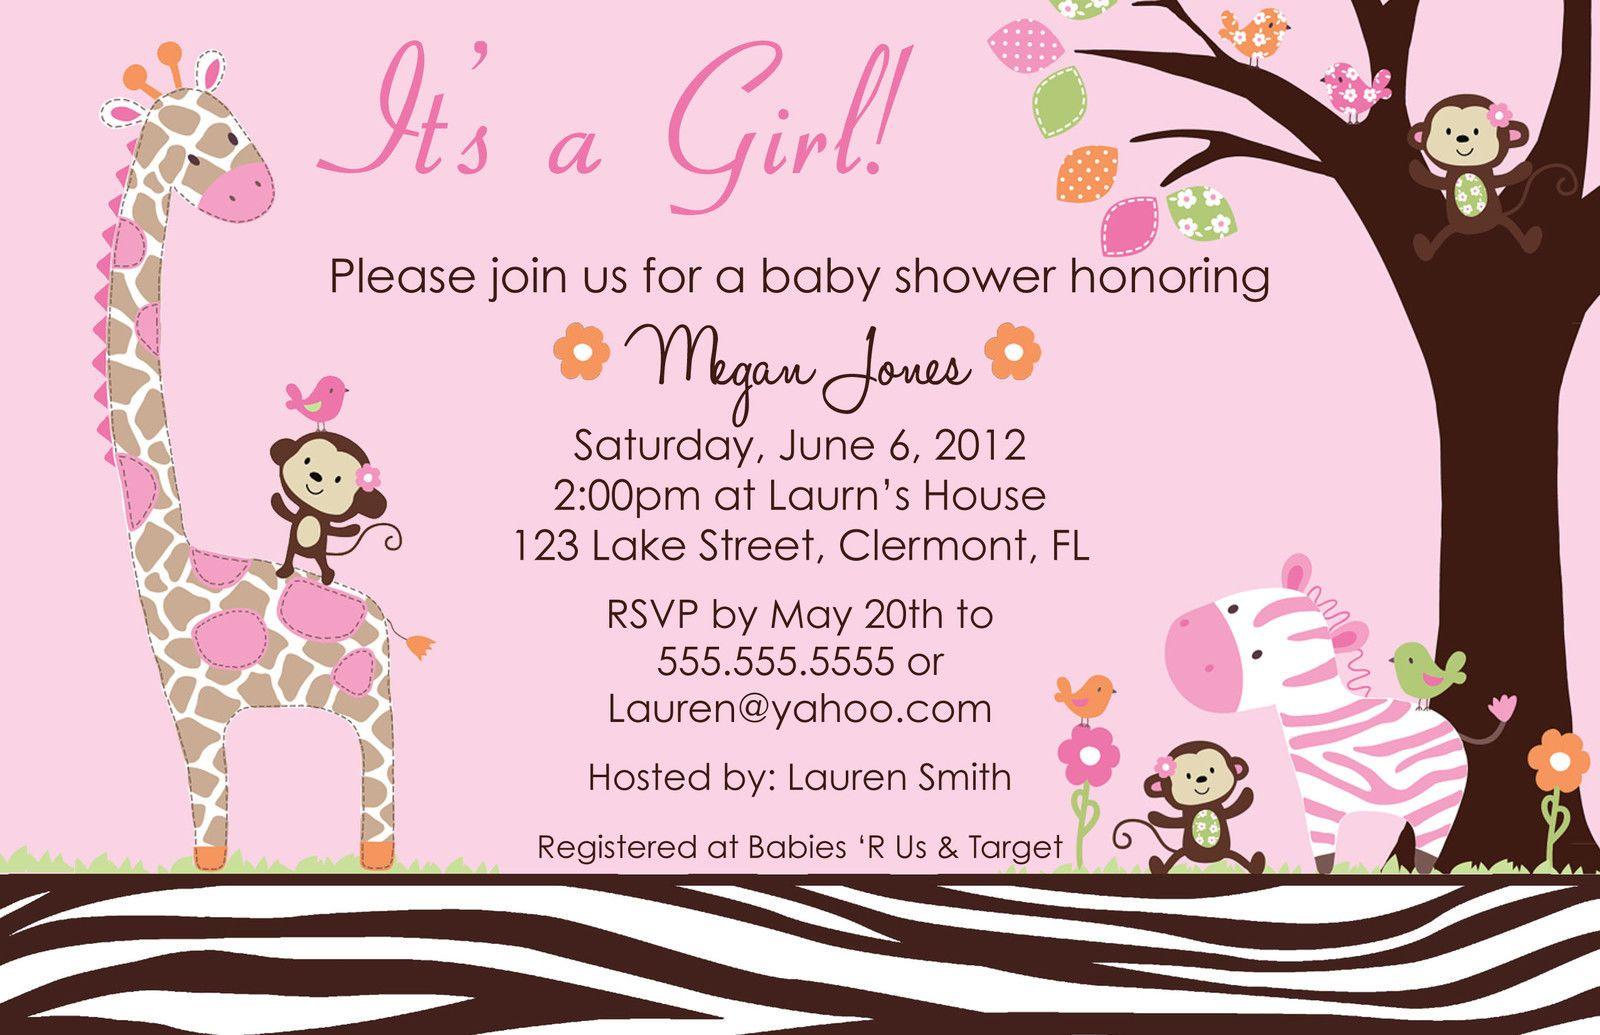 2 Fabulous Baby Shower Invitations Girls | baby niña | Pinterest ...